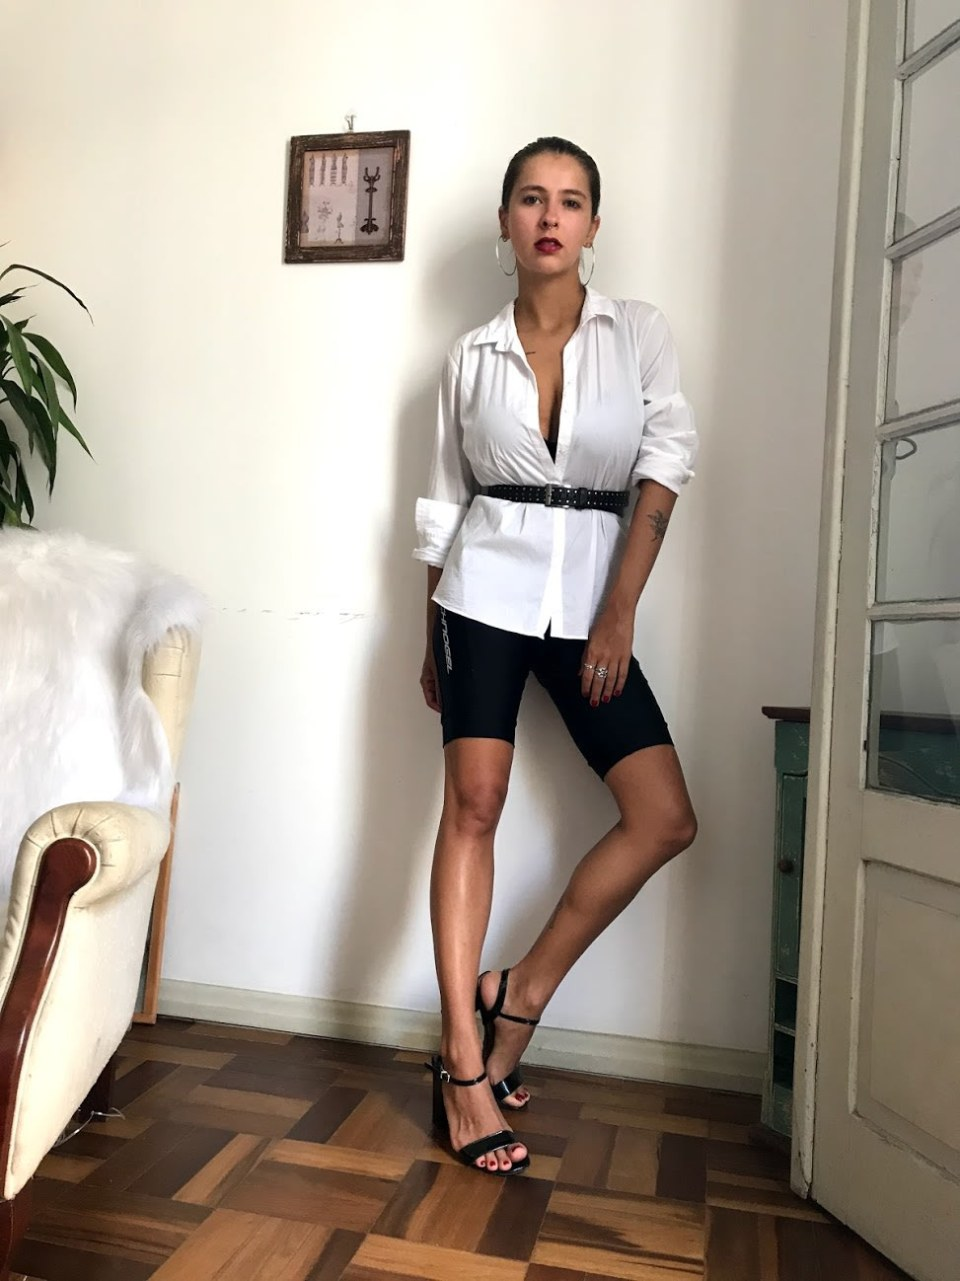 Marcie posa em frente a uma parede branca, com uma poltrona branca ao lado. O look é composto por camisa branca com decote profundo, cinto preto com tachas, bermuda ciclista preta e sandália preta de tiras finas.